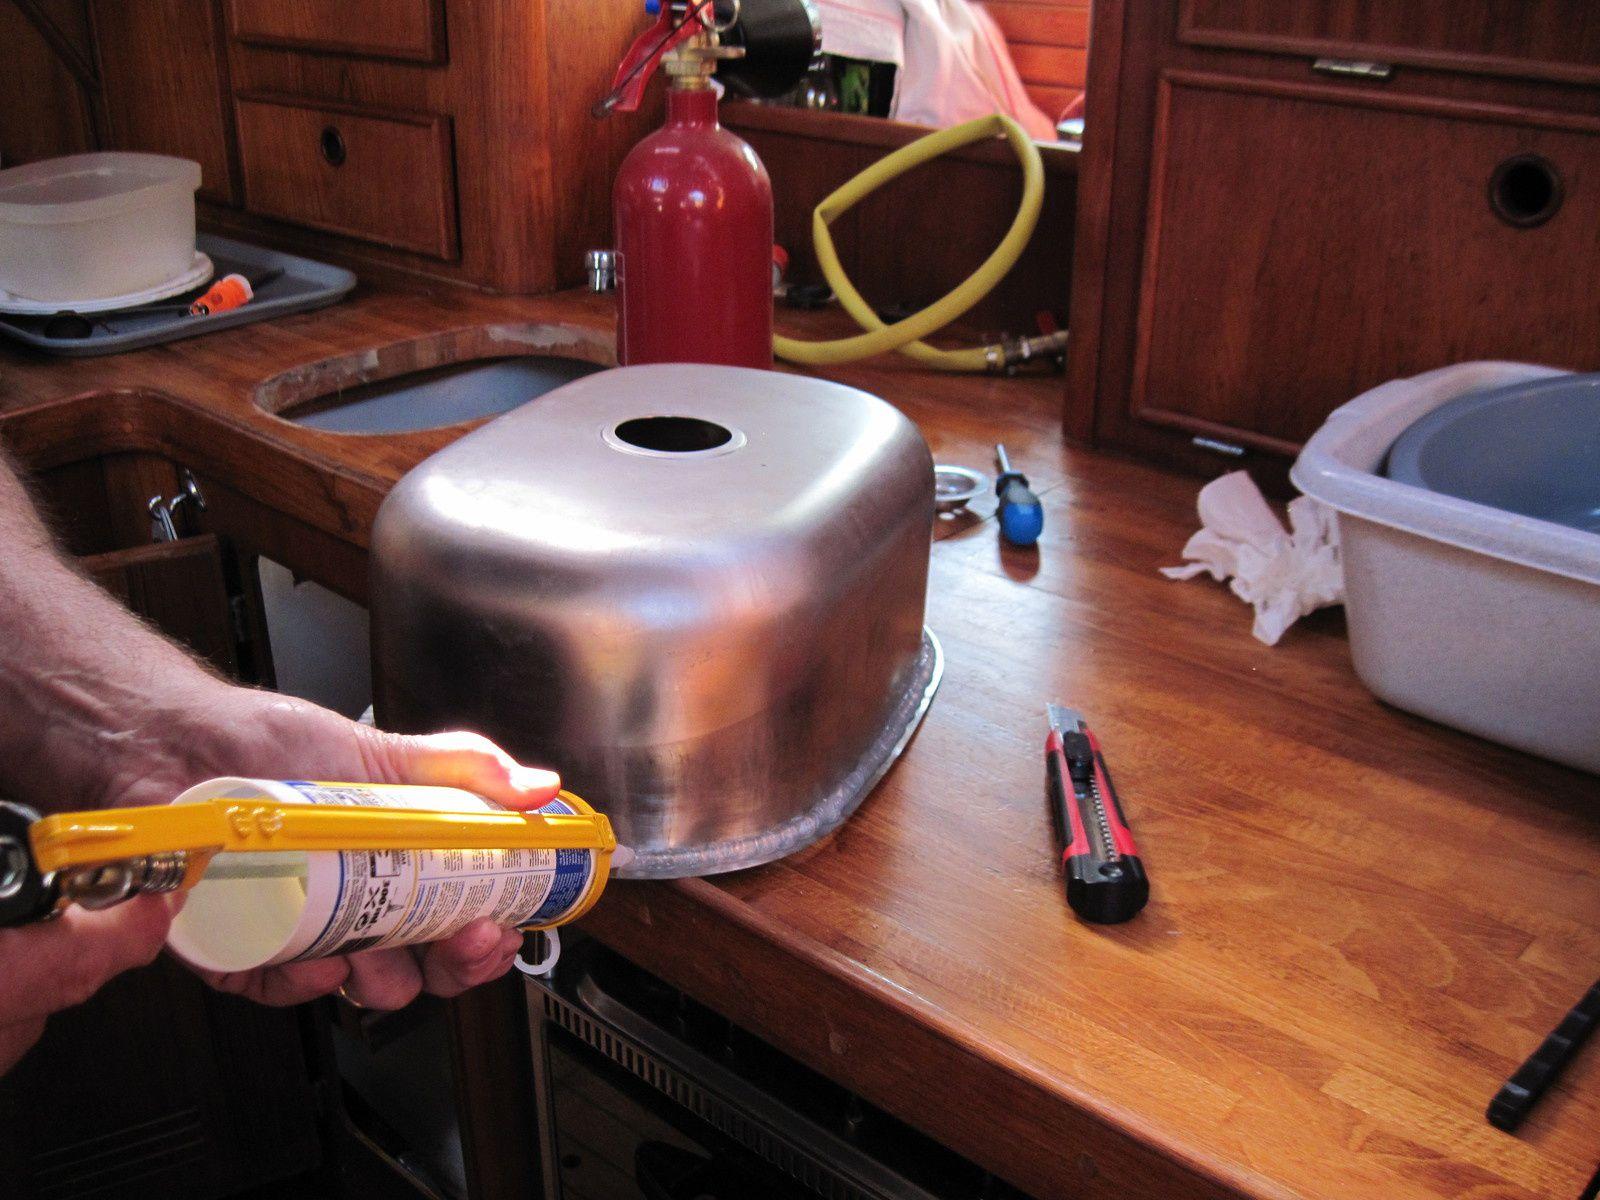 pose du silicone sur un des éviers